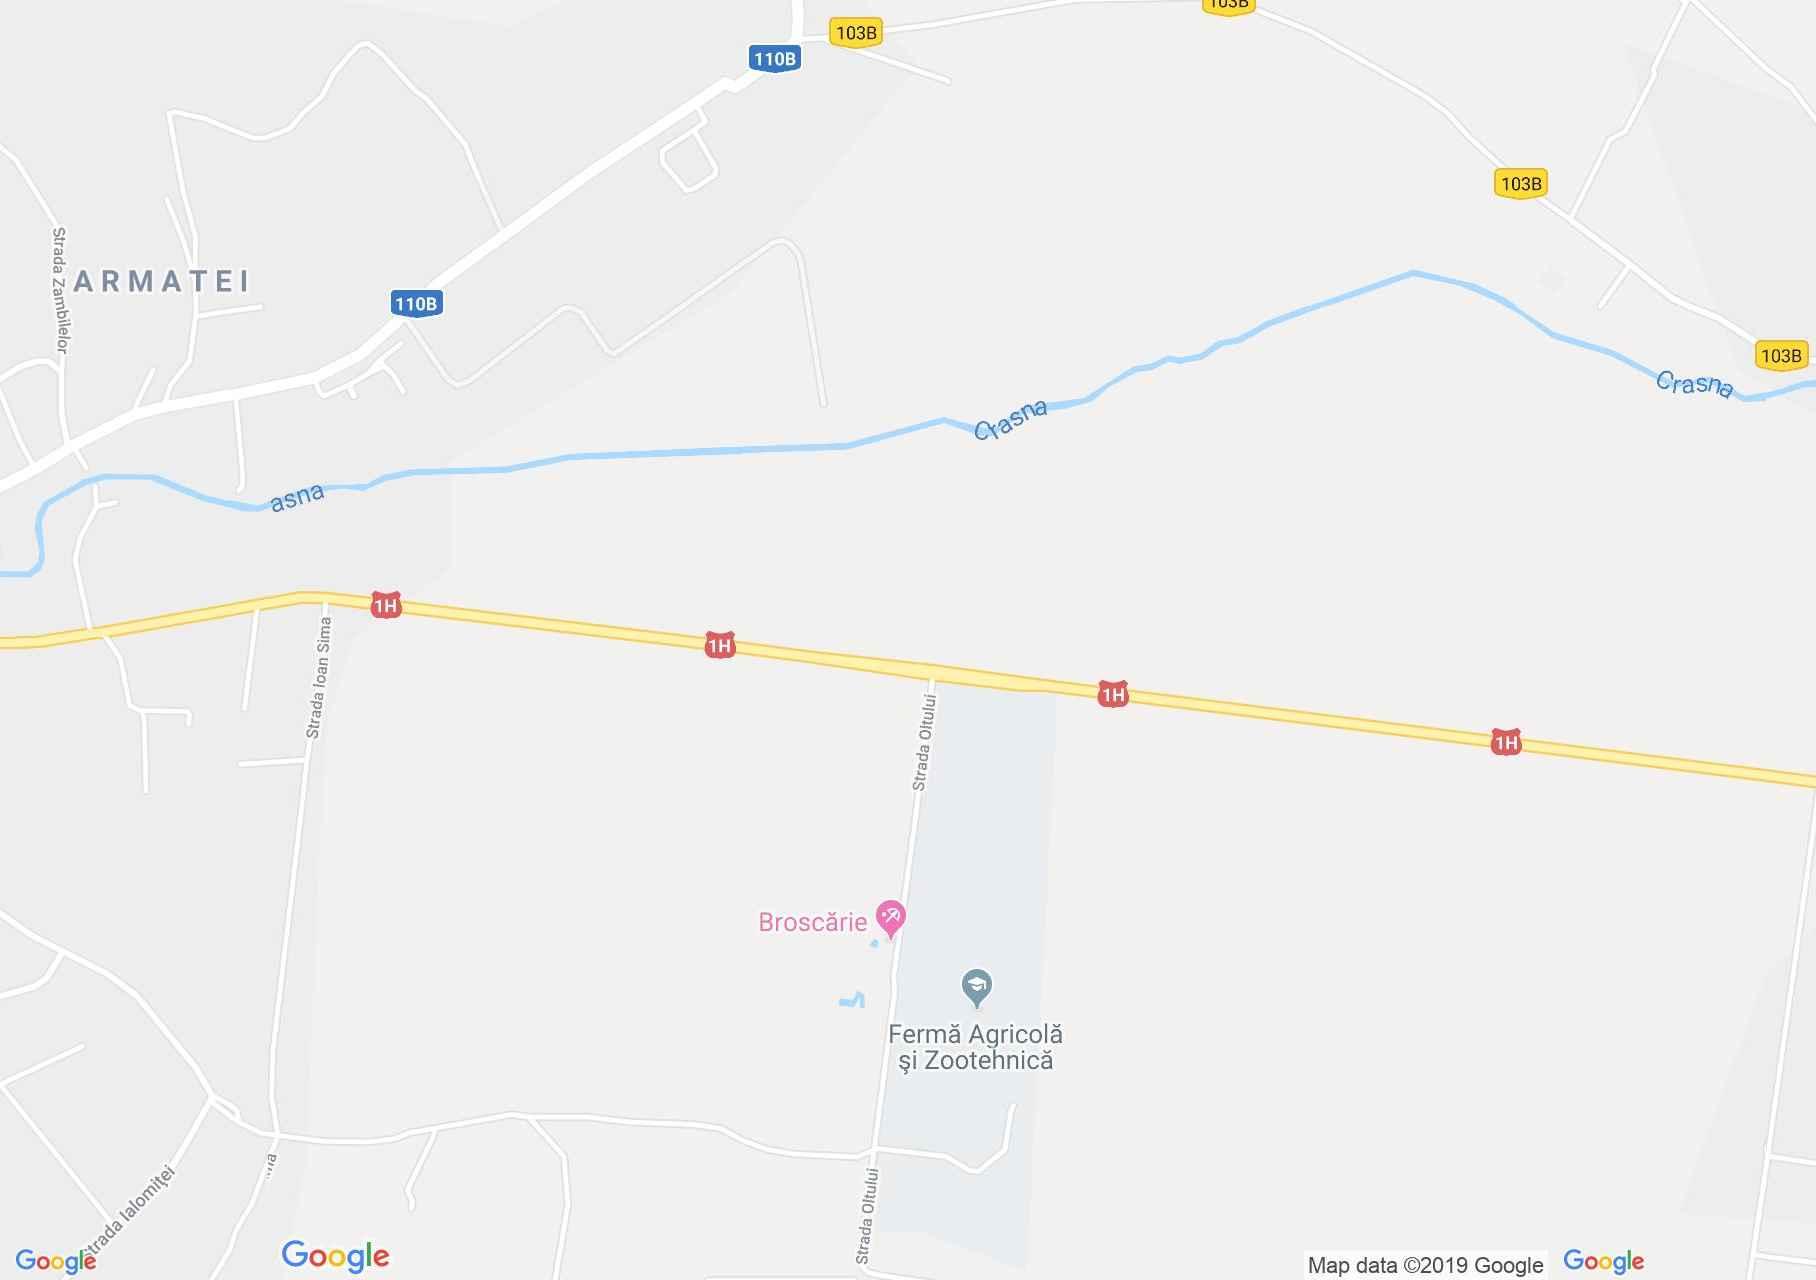 Perecseny: Broscărie termálfürdő (térkép)